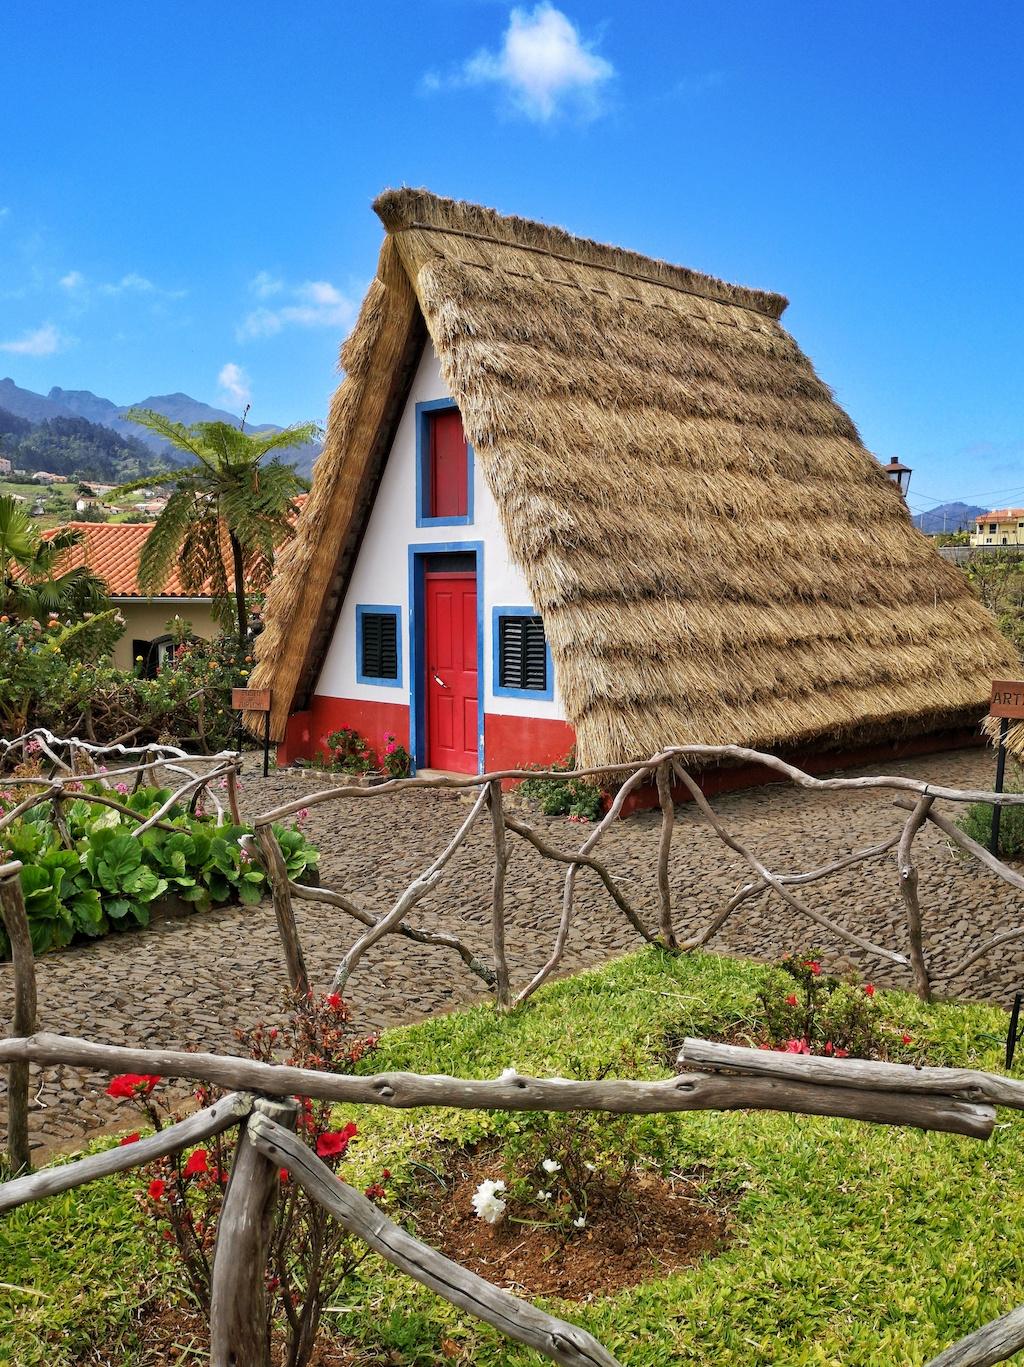 Casas típicas de Santana ©Duarte Rocha